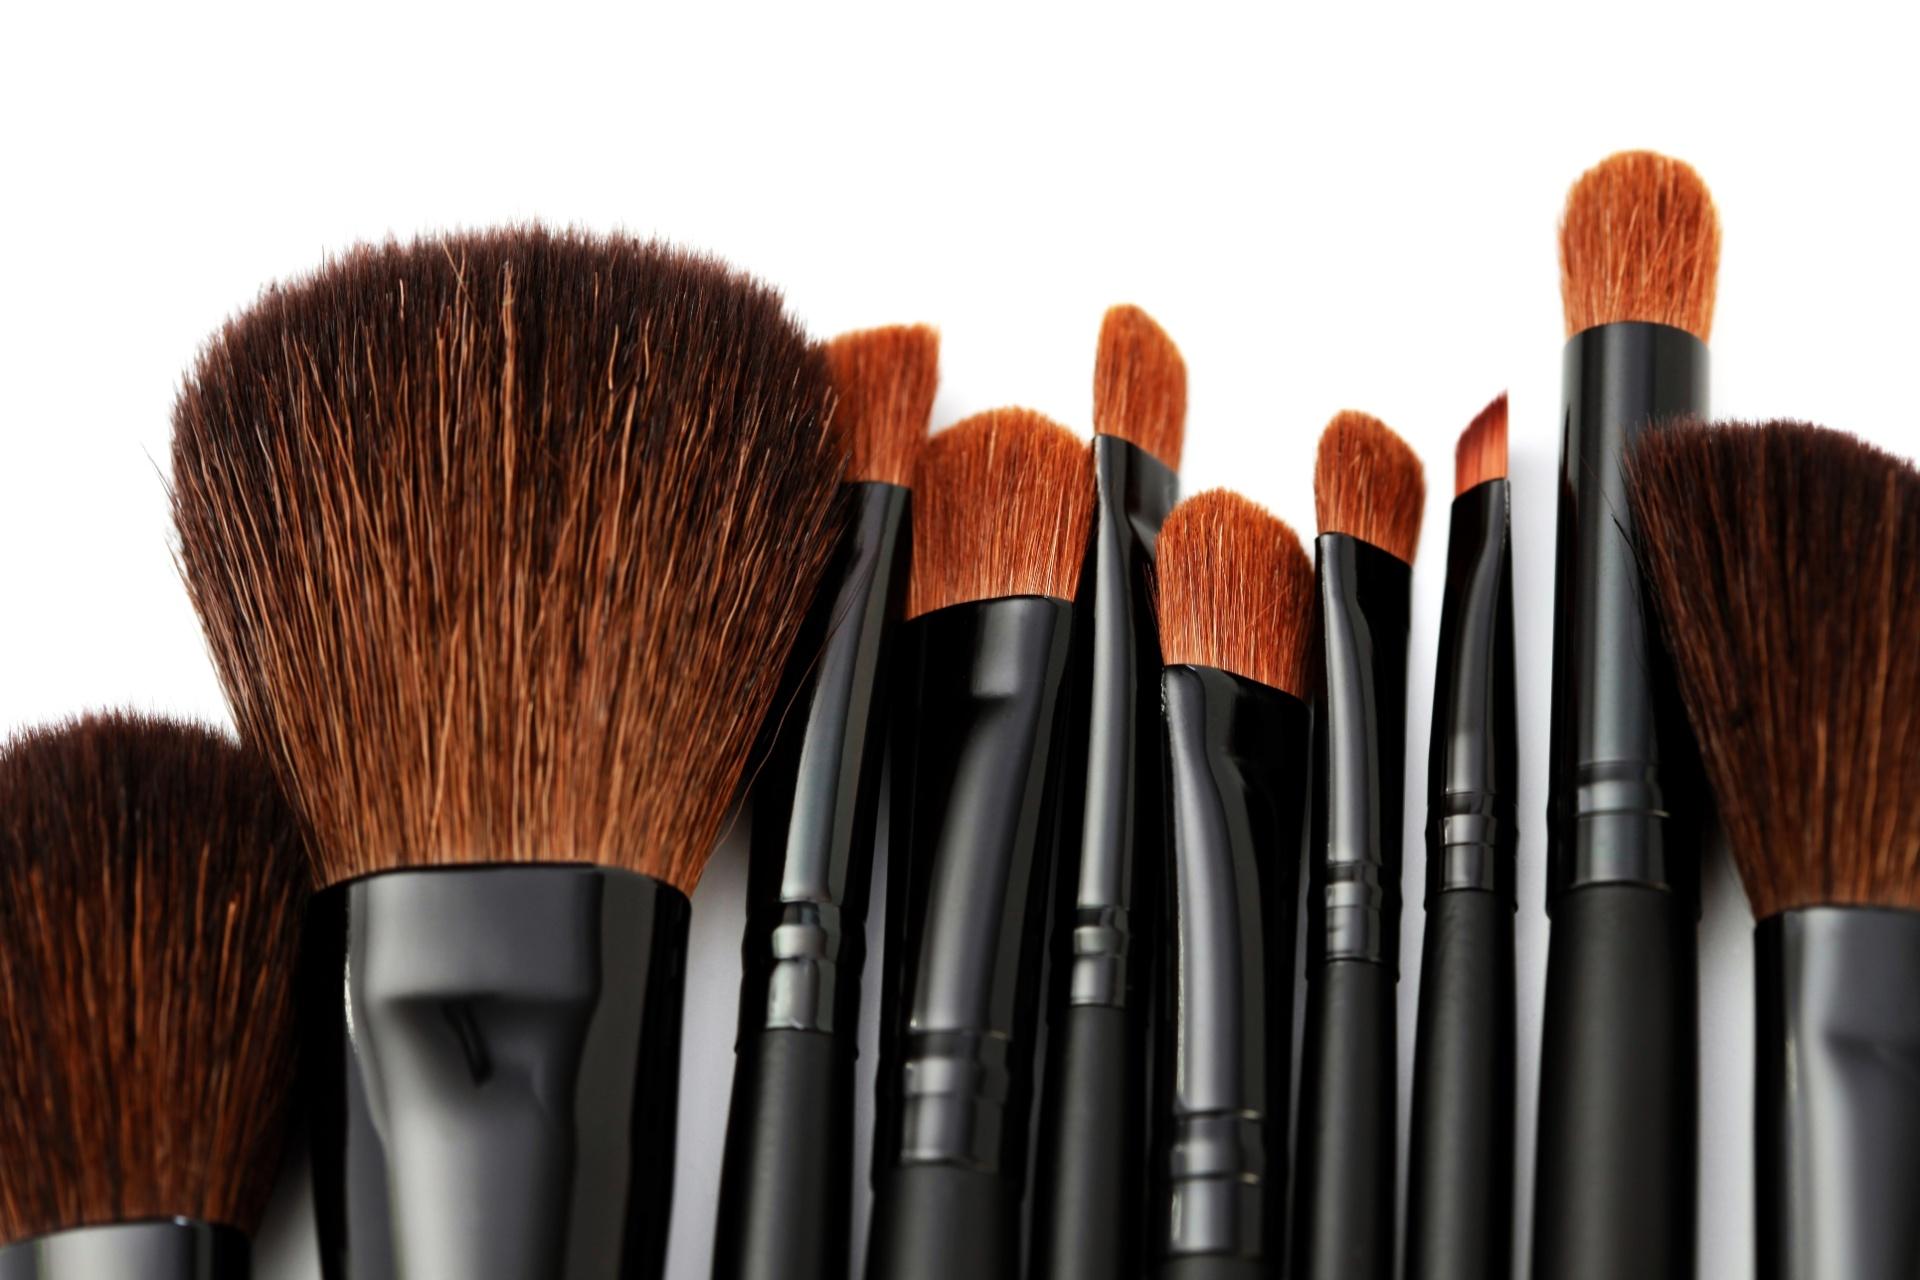 93215ae53ee03 Pinceis de maquiagem precisam ser lavados para evitar contaminação -  07 02 2014 - UOL Universa